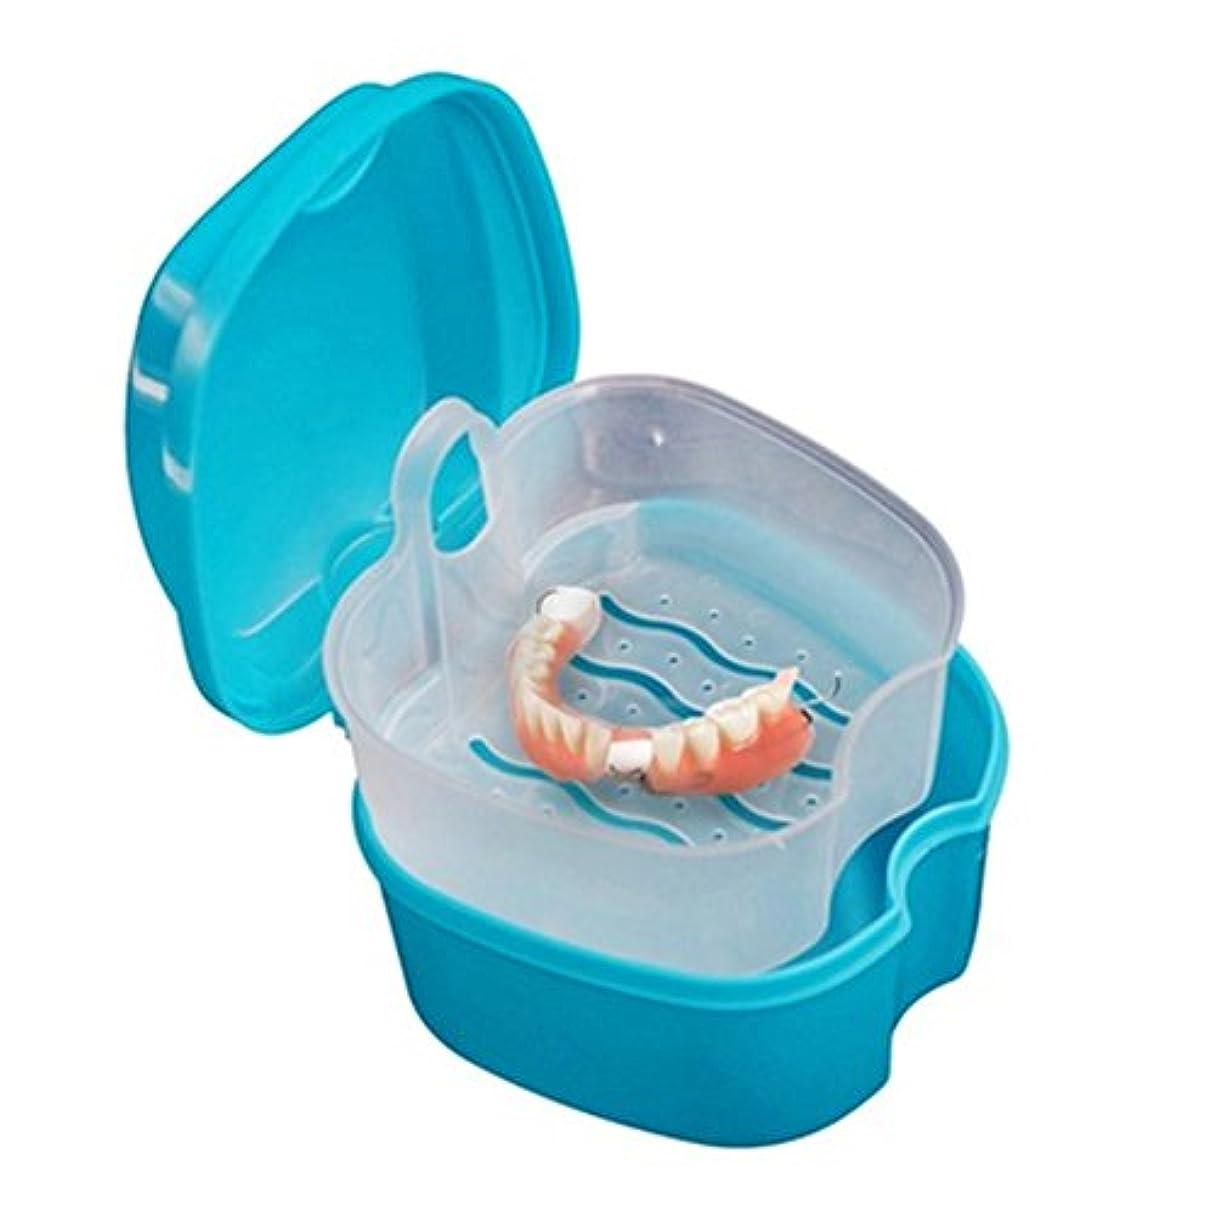 パス作ります一過性Cozyrom ネット付き 抗菌加工 乳歯 入れ歯収納ケース 容器 ボック 使いやすい